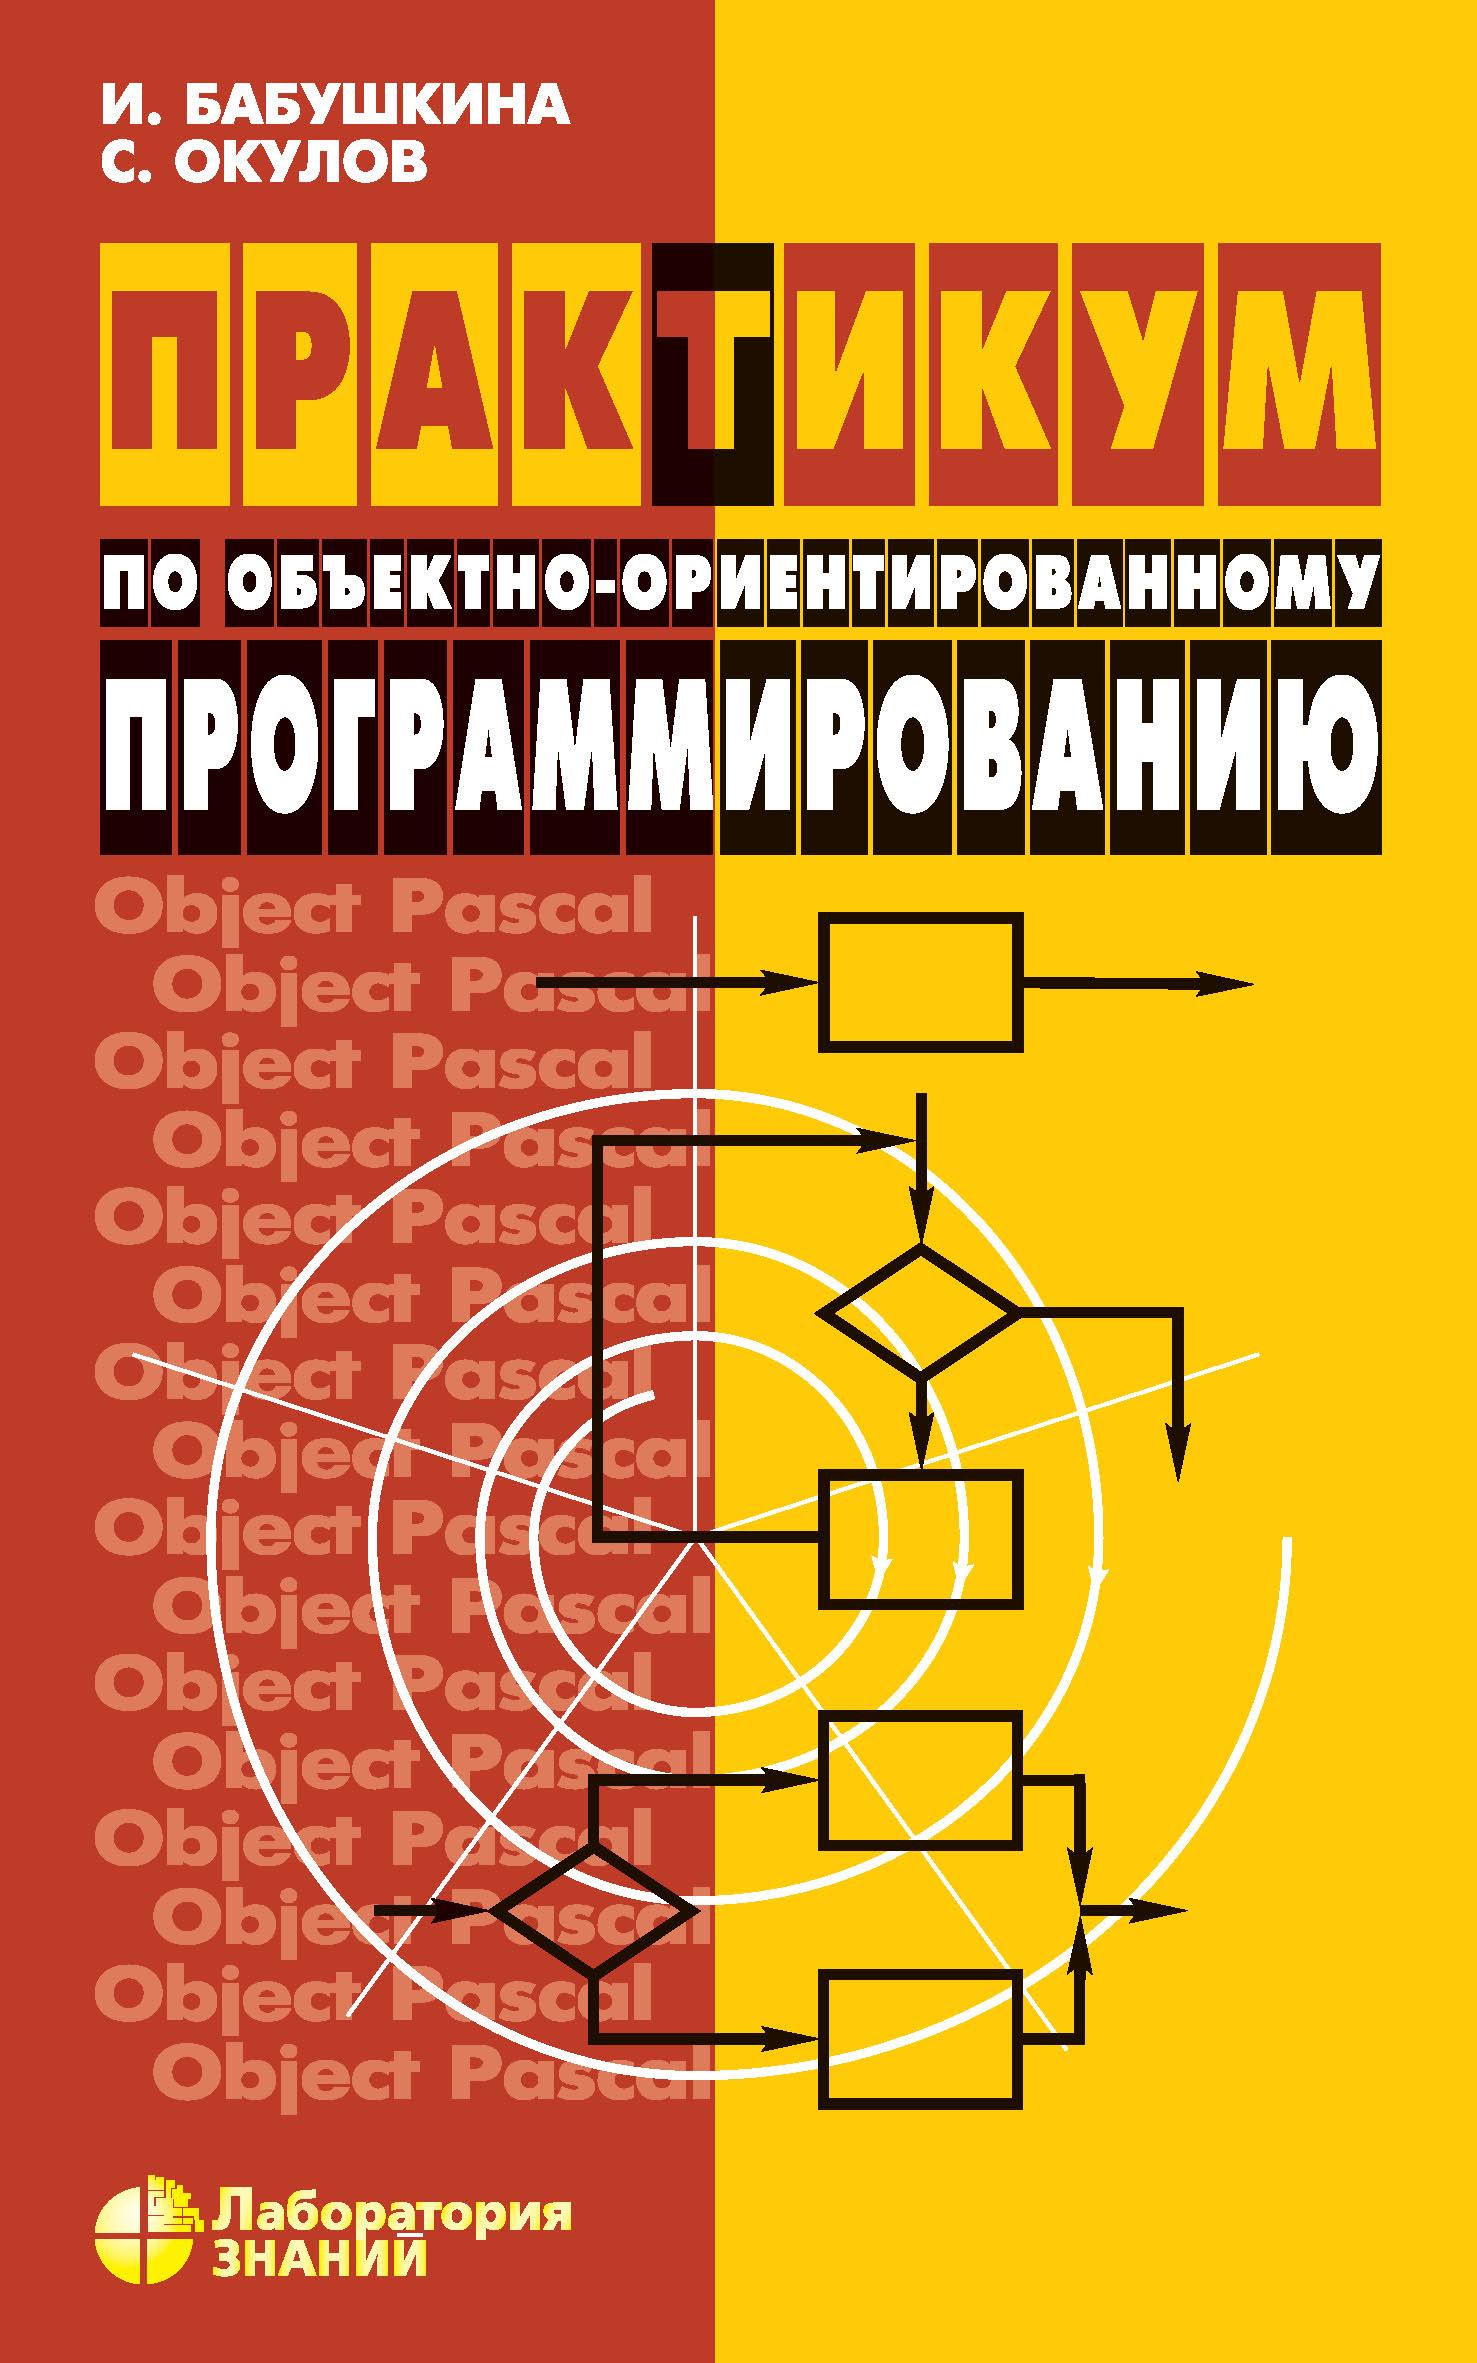 Практикум по объектно-ориентированному программированию